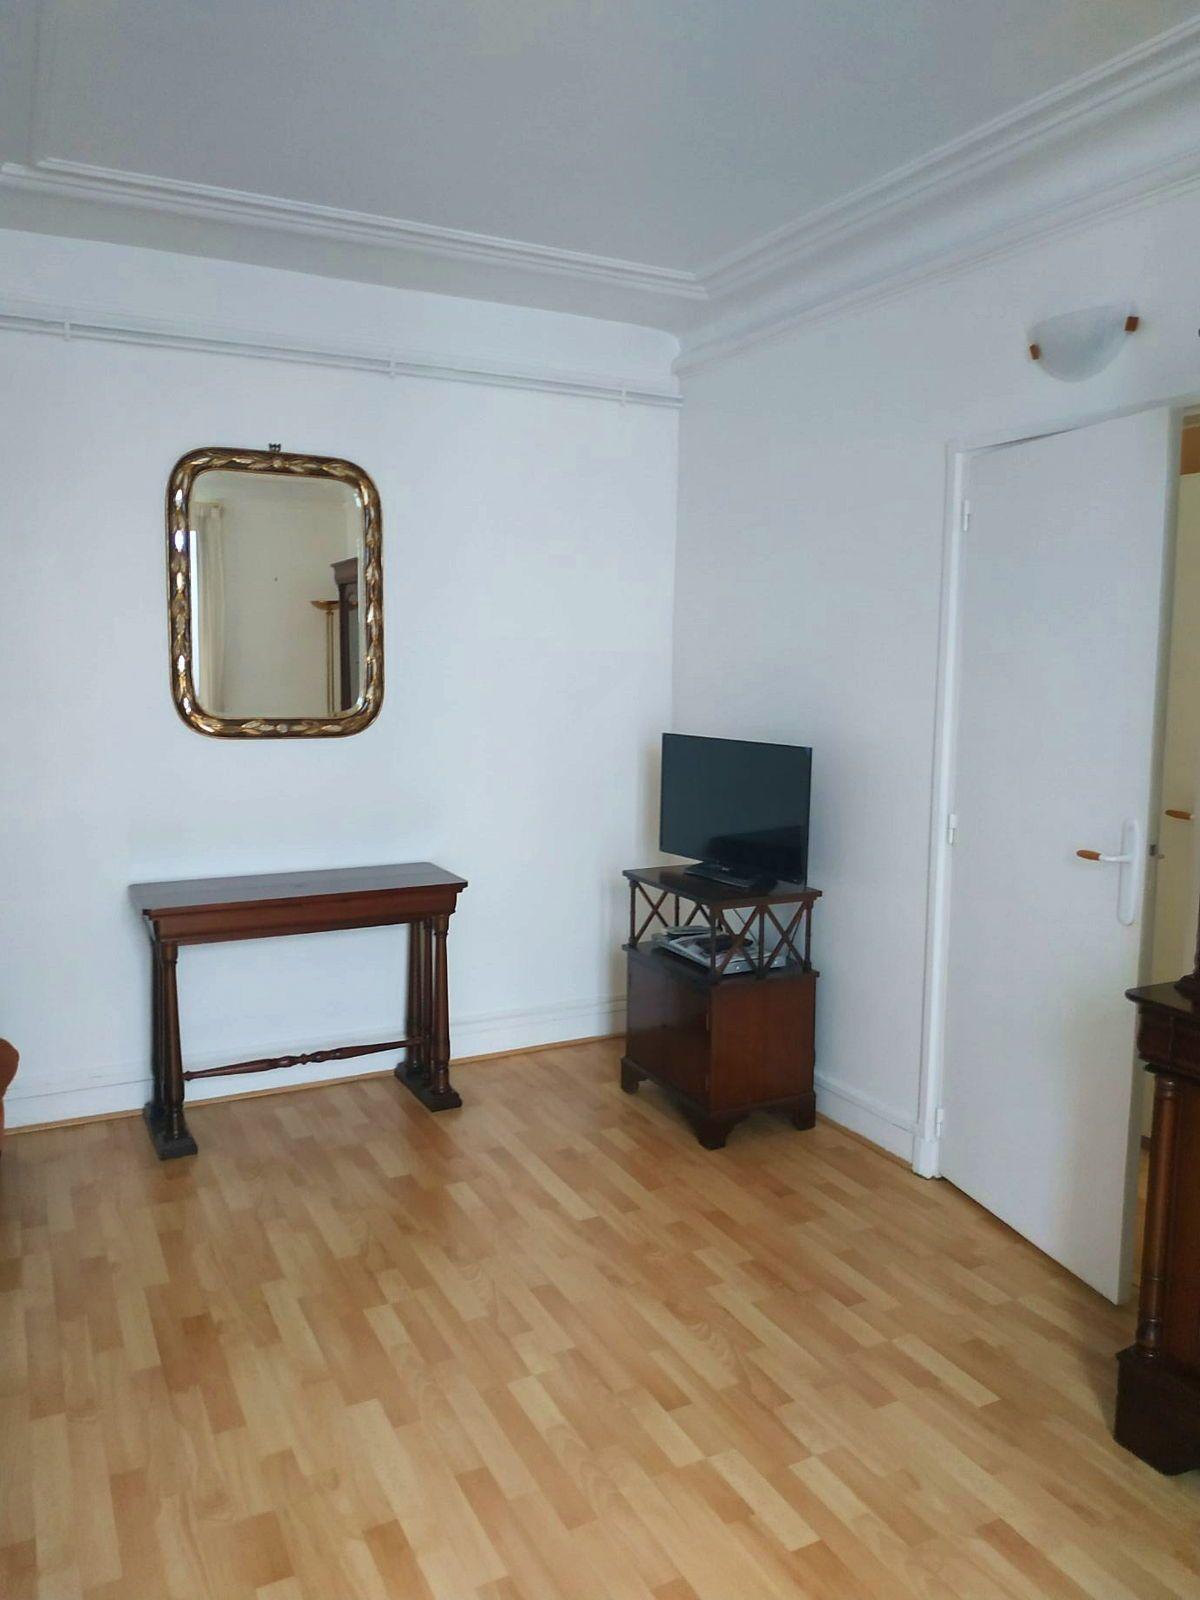 Bel appartement T232m² meublé Levallois-Perret (92), calme et sécurisé